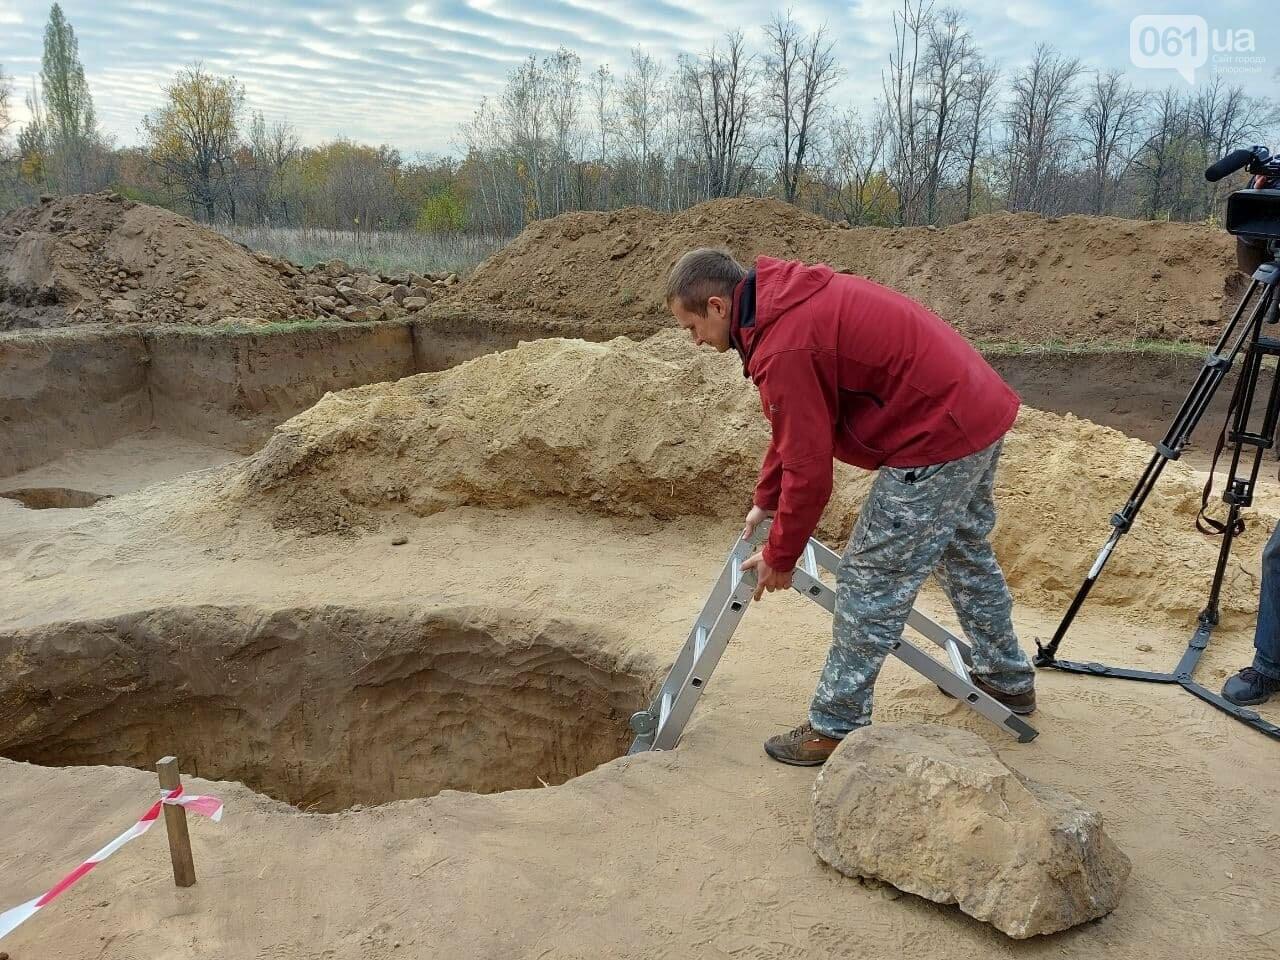 В Запорожье на Хортице нашли захоронение скифского воина, которому 2500 лет, - ФОТОРЕПОРТАЖ, фото-7